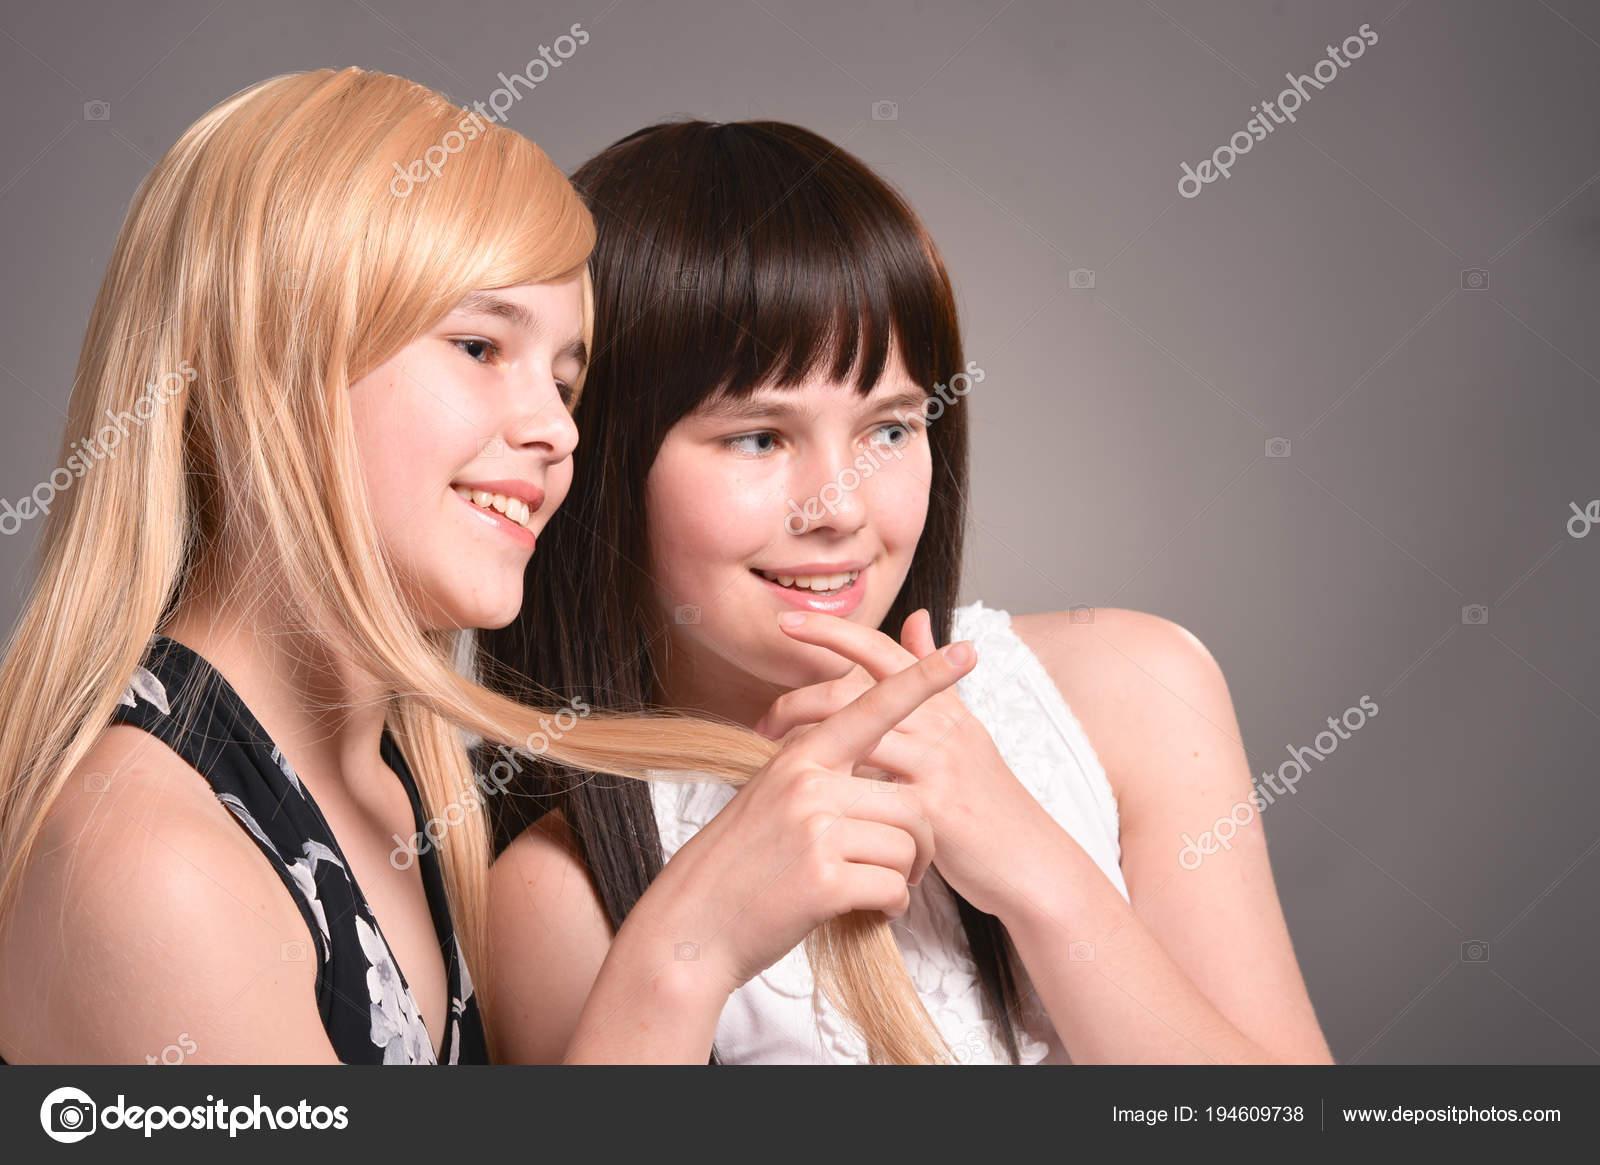 Γυμνό έφηβοι κορίτσια εικόνες